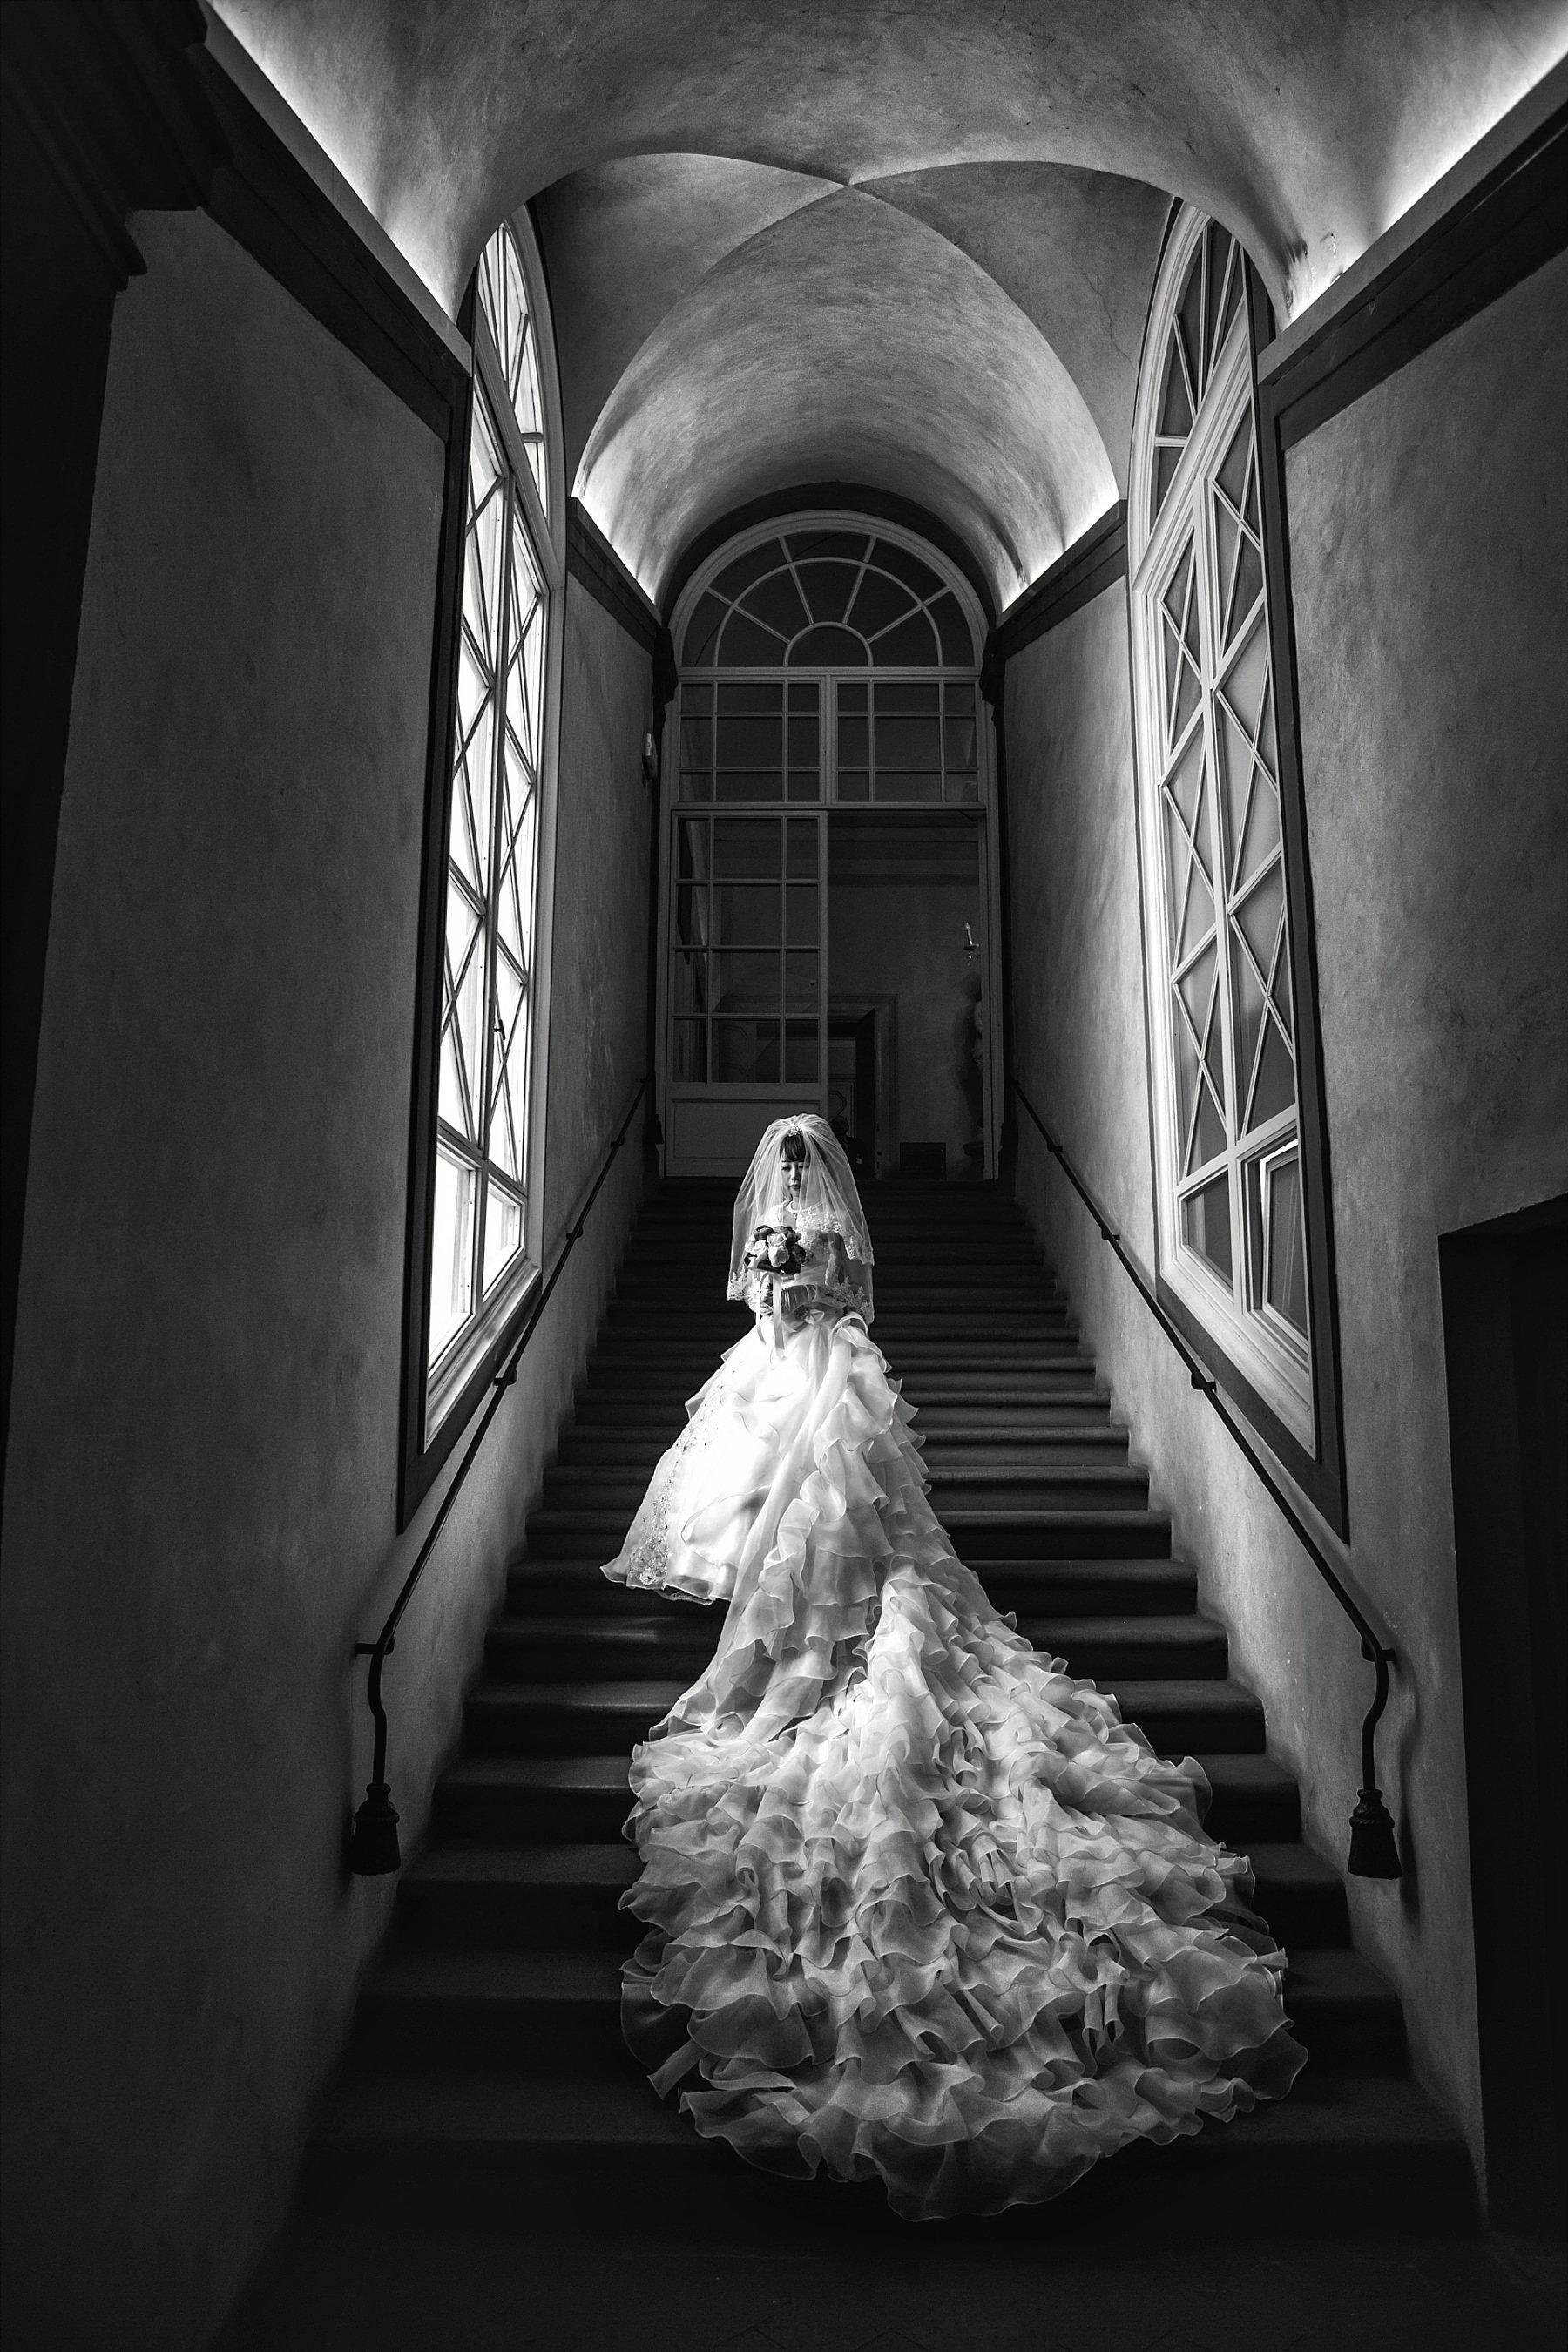 Foto in Bianco e Nero di una Sposa con un lunghissimo abito sulla scalinata del Palazzo Veccio a Firenze